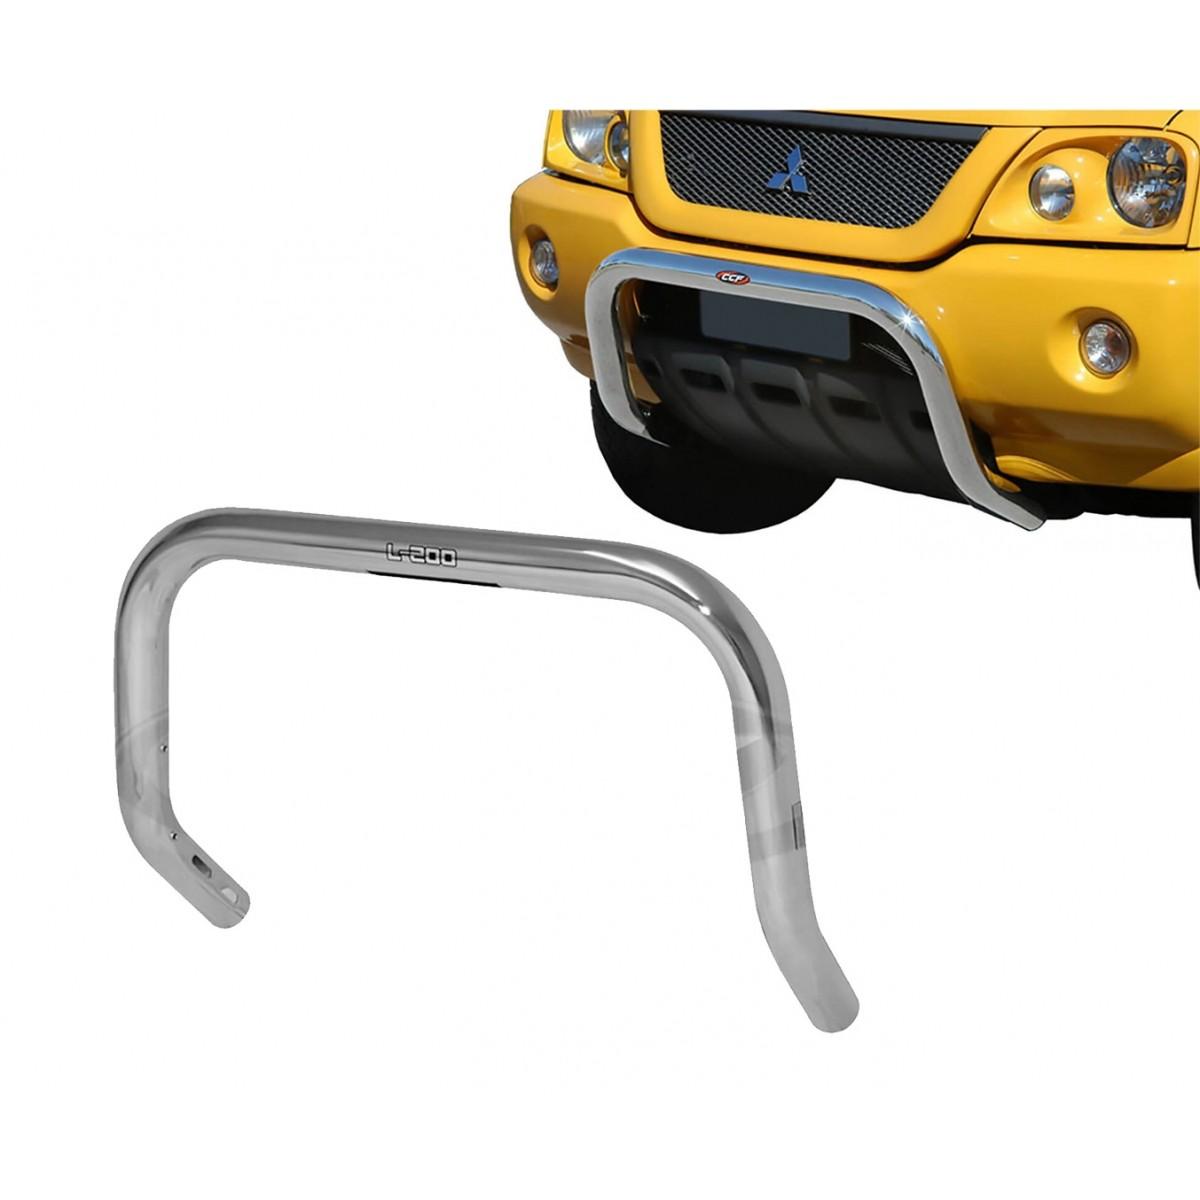 Para Choque Impulsão Cromado Sem Chapa Protetora L200 Sport 2004 a 2007 / L200 Outdoor 2007 a 2012